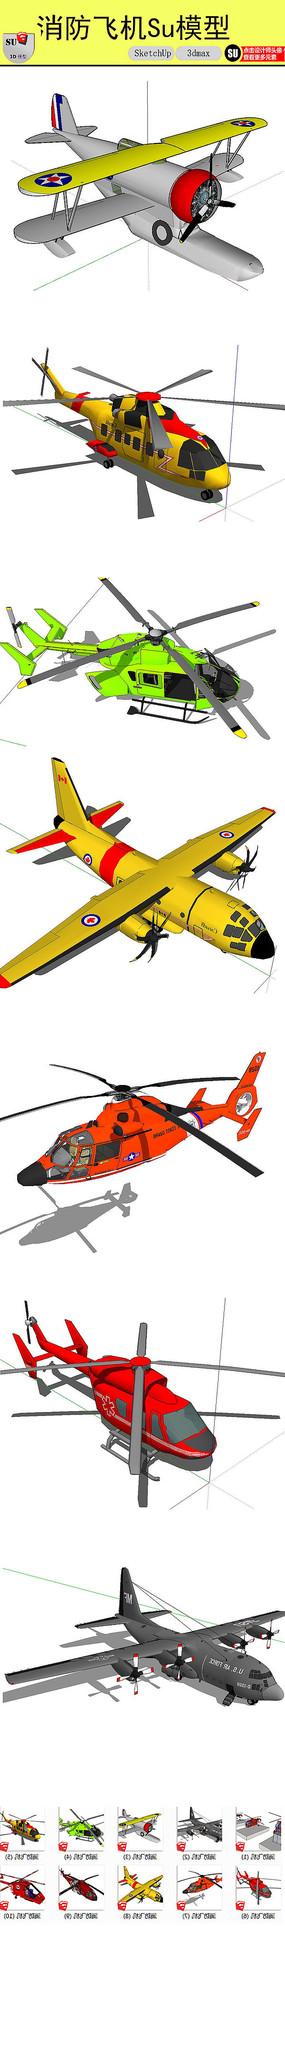 消防防火飛機模型